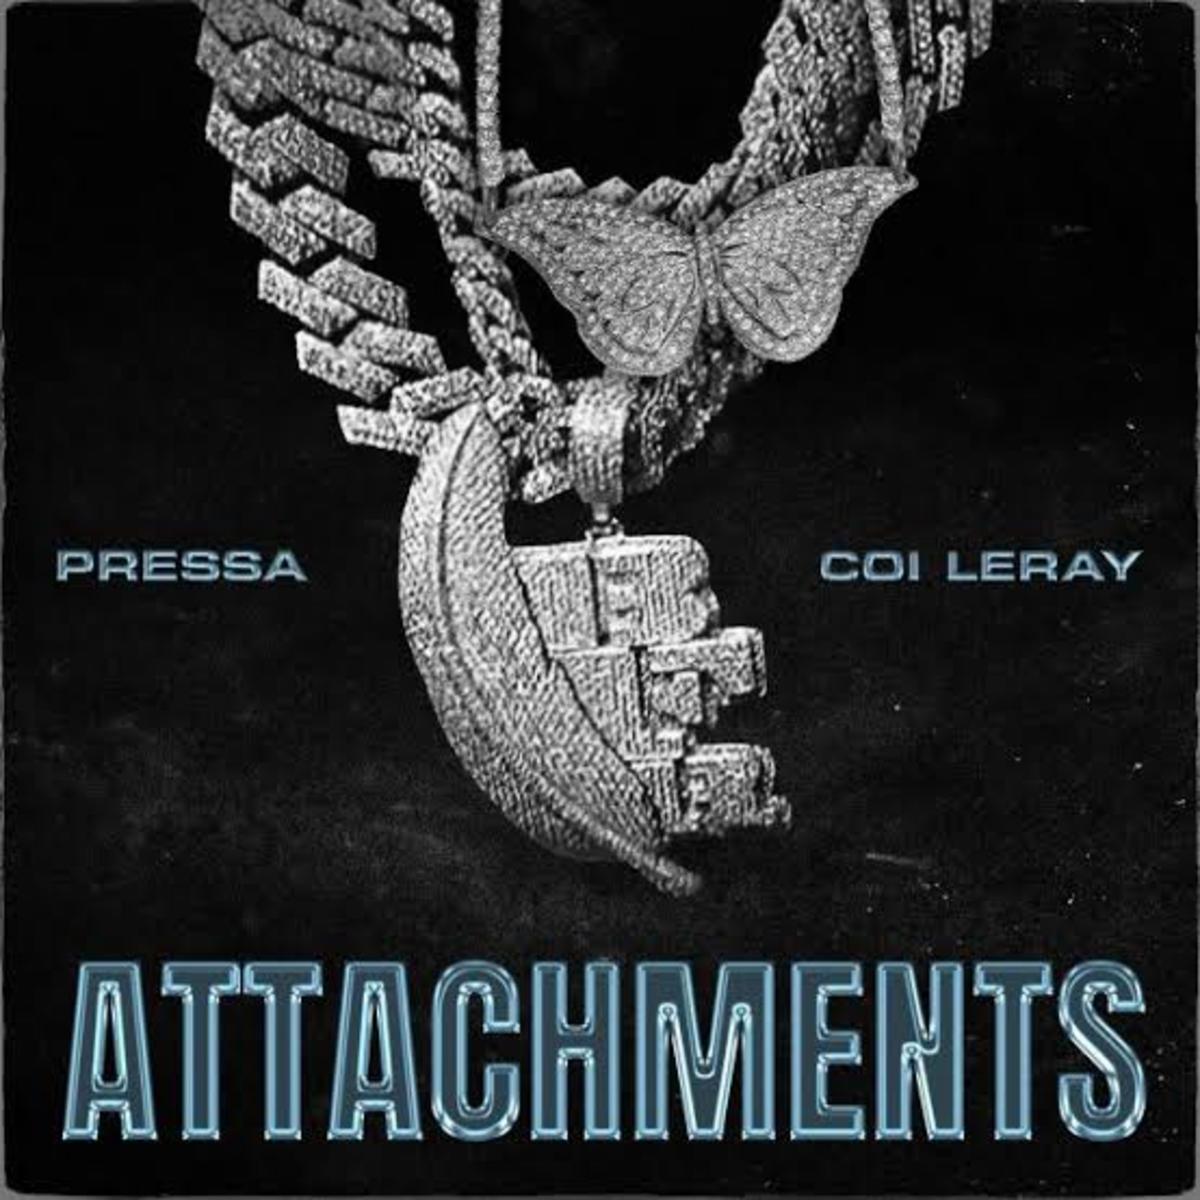 Pressa Attachments